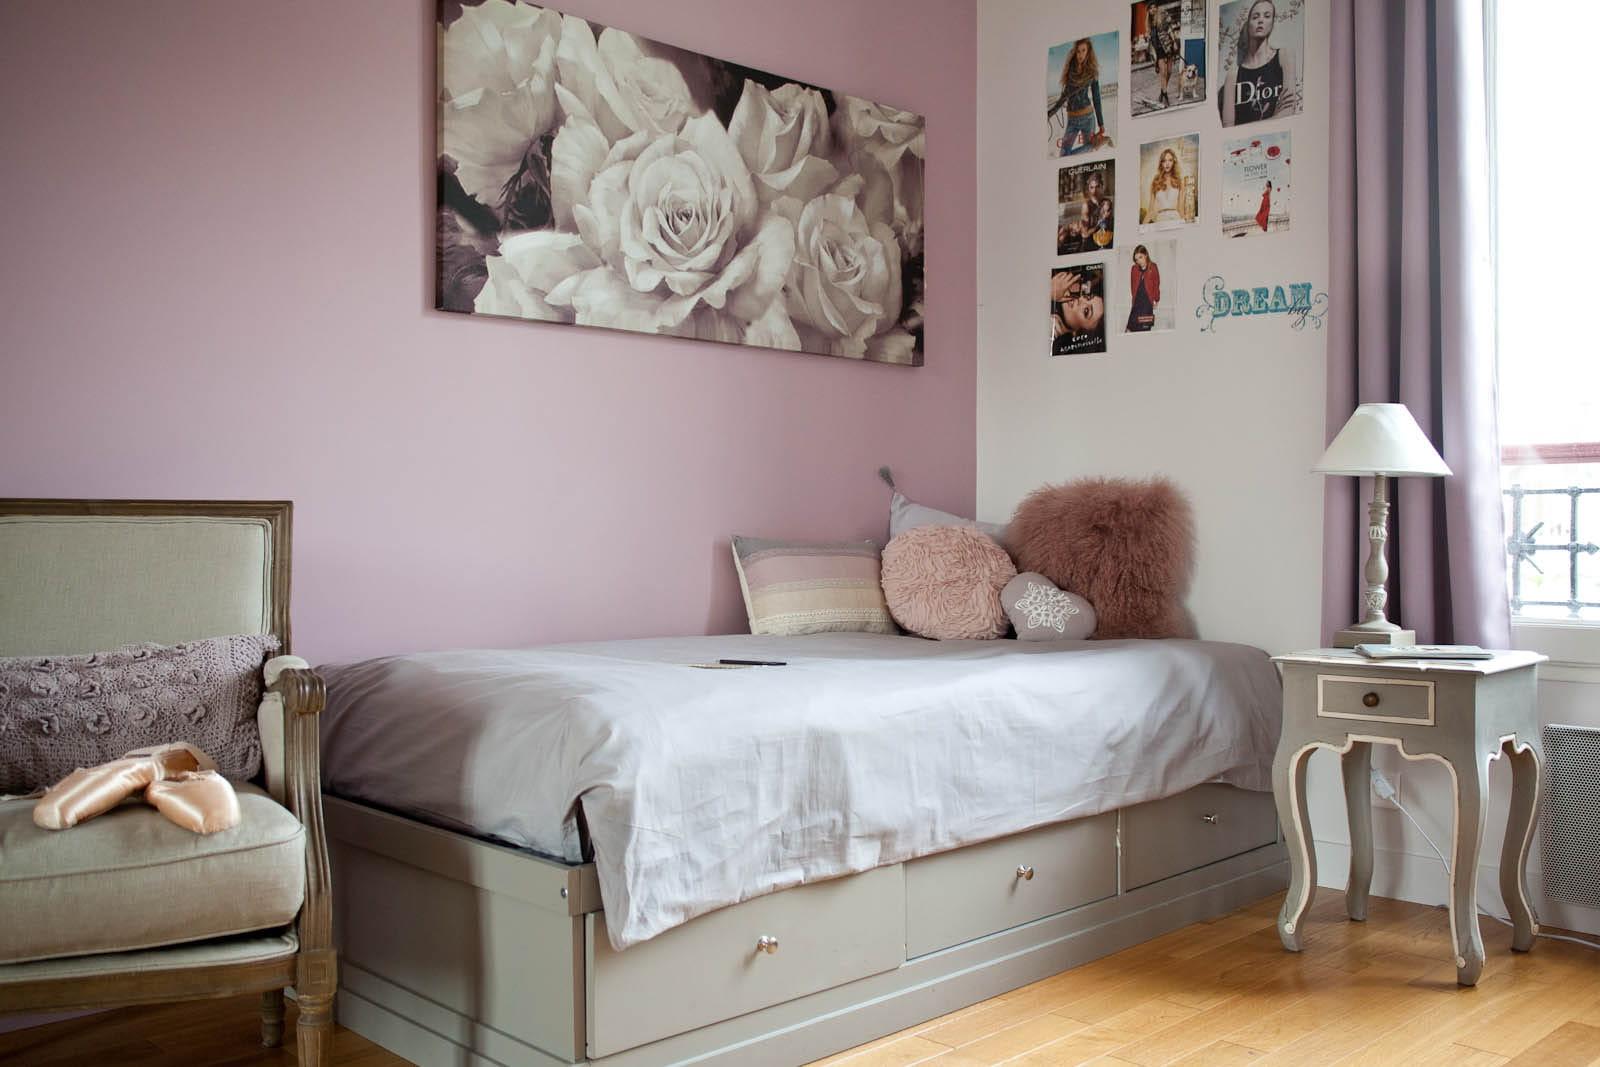 une chambre tout ce qu 39 il y a de plus romantique un nouvel appart 39 sans d m nager journal. Black Bedroom Furniture Sets. Home Design Ideas